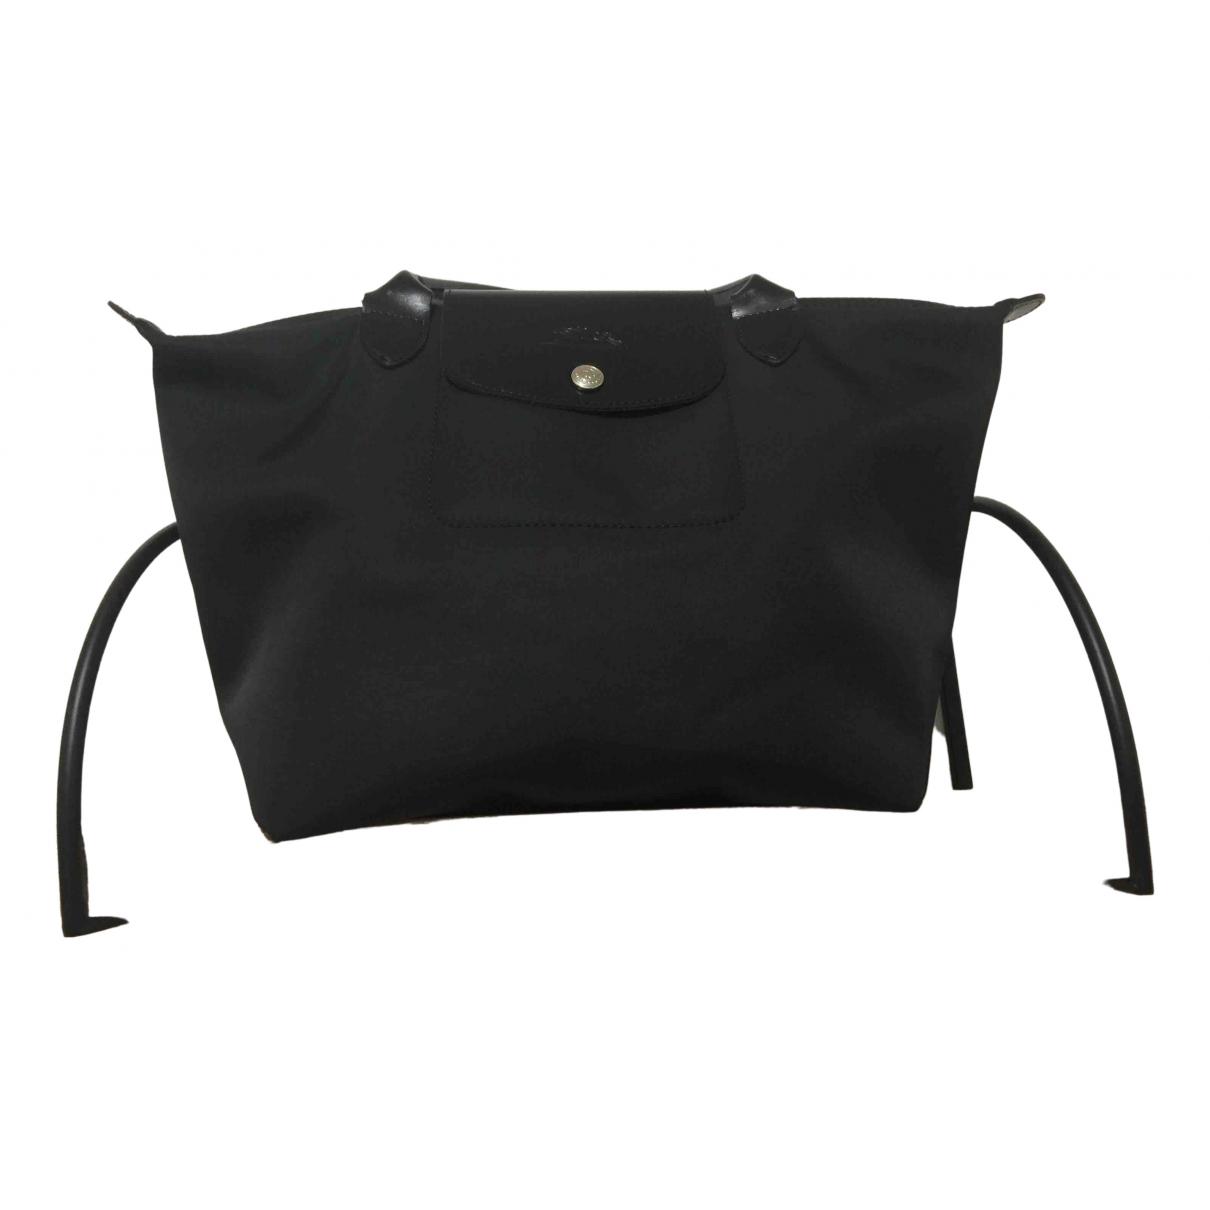 Longchamp \N Black handbag for Women \N